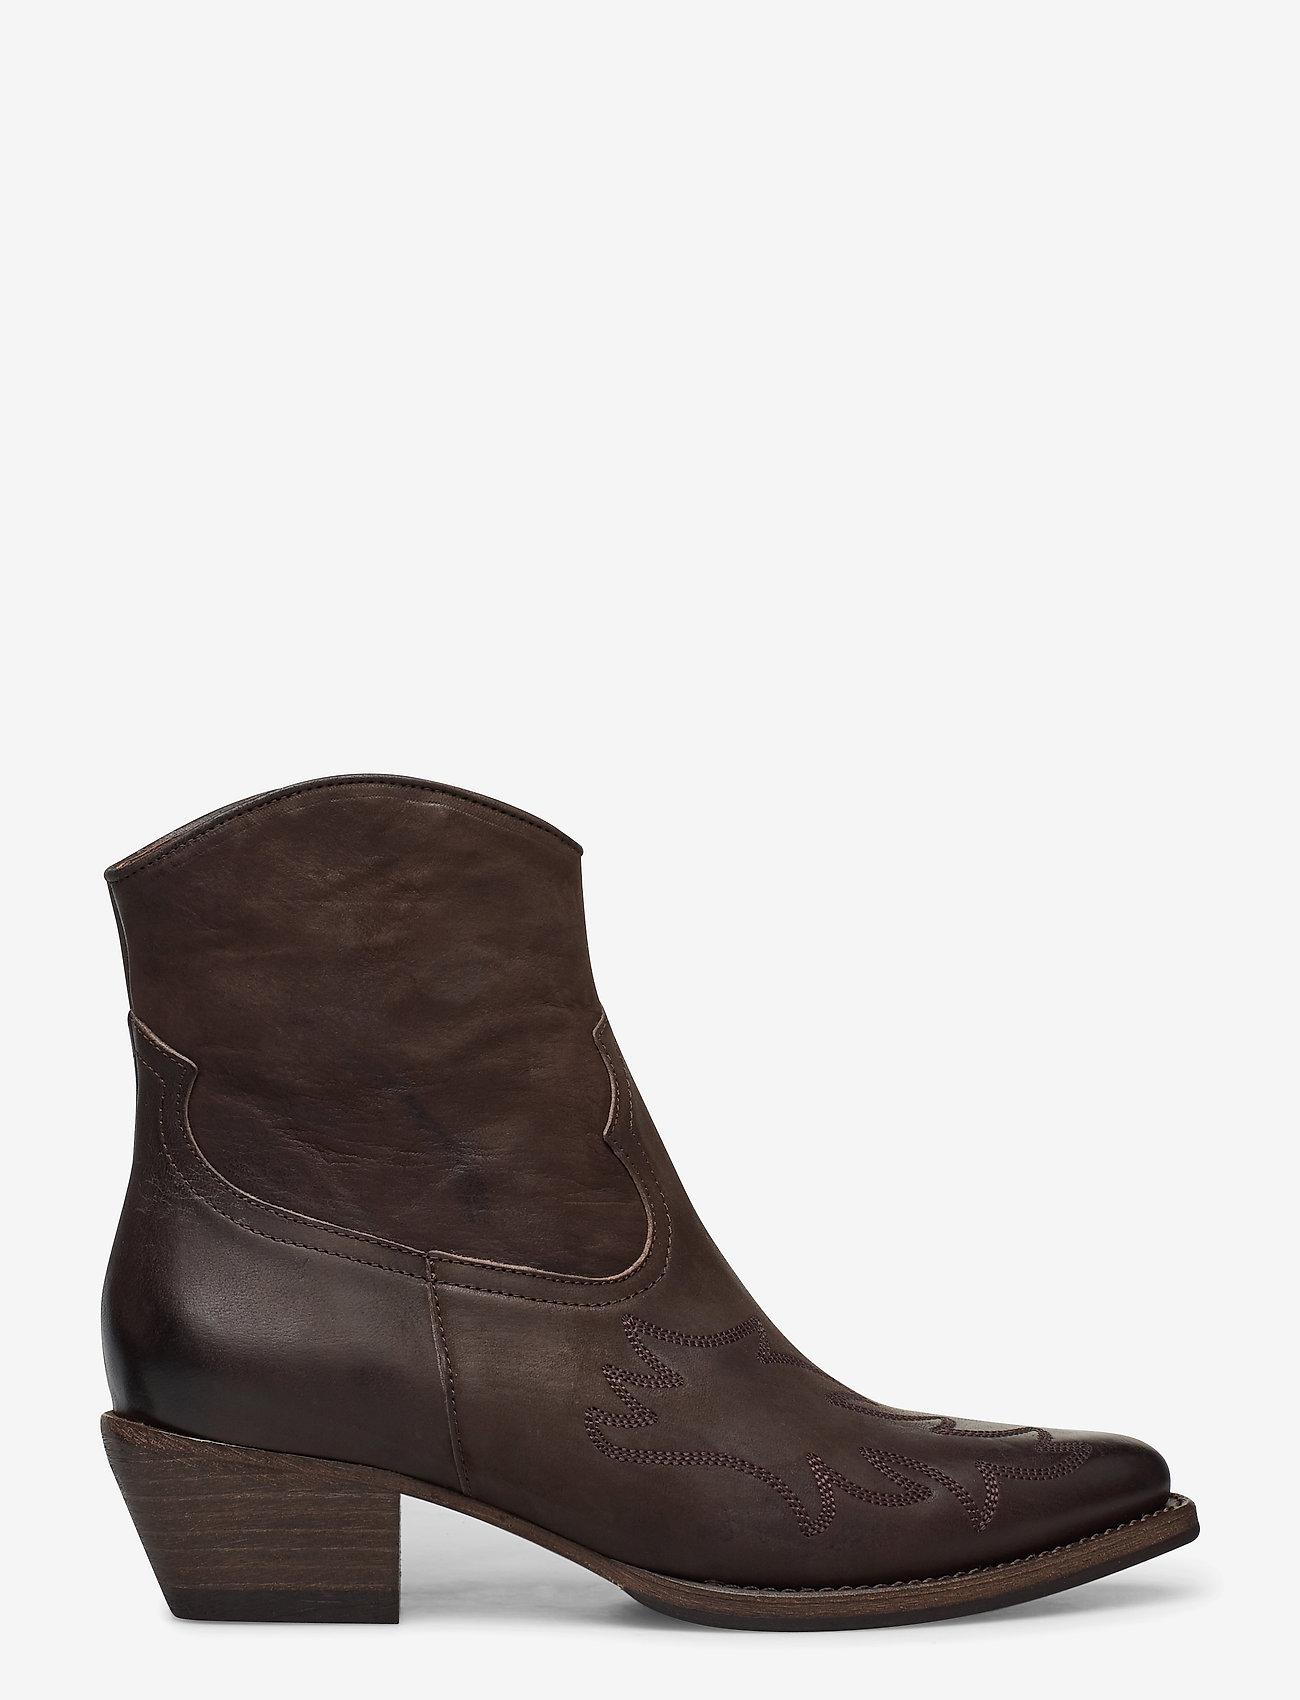 Boots 3611 (Brown Varese 96) - Billi Bi QiMkxL